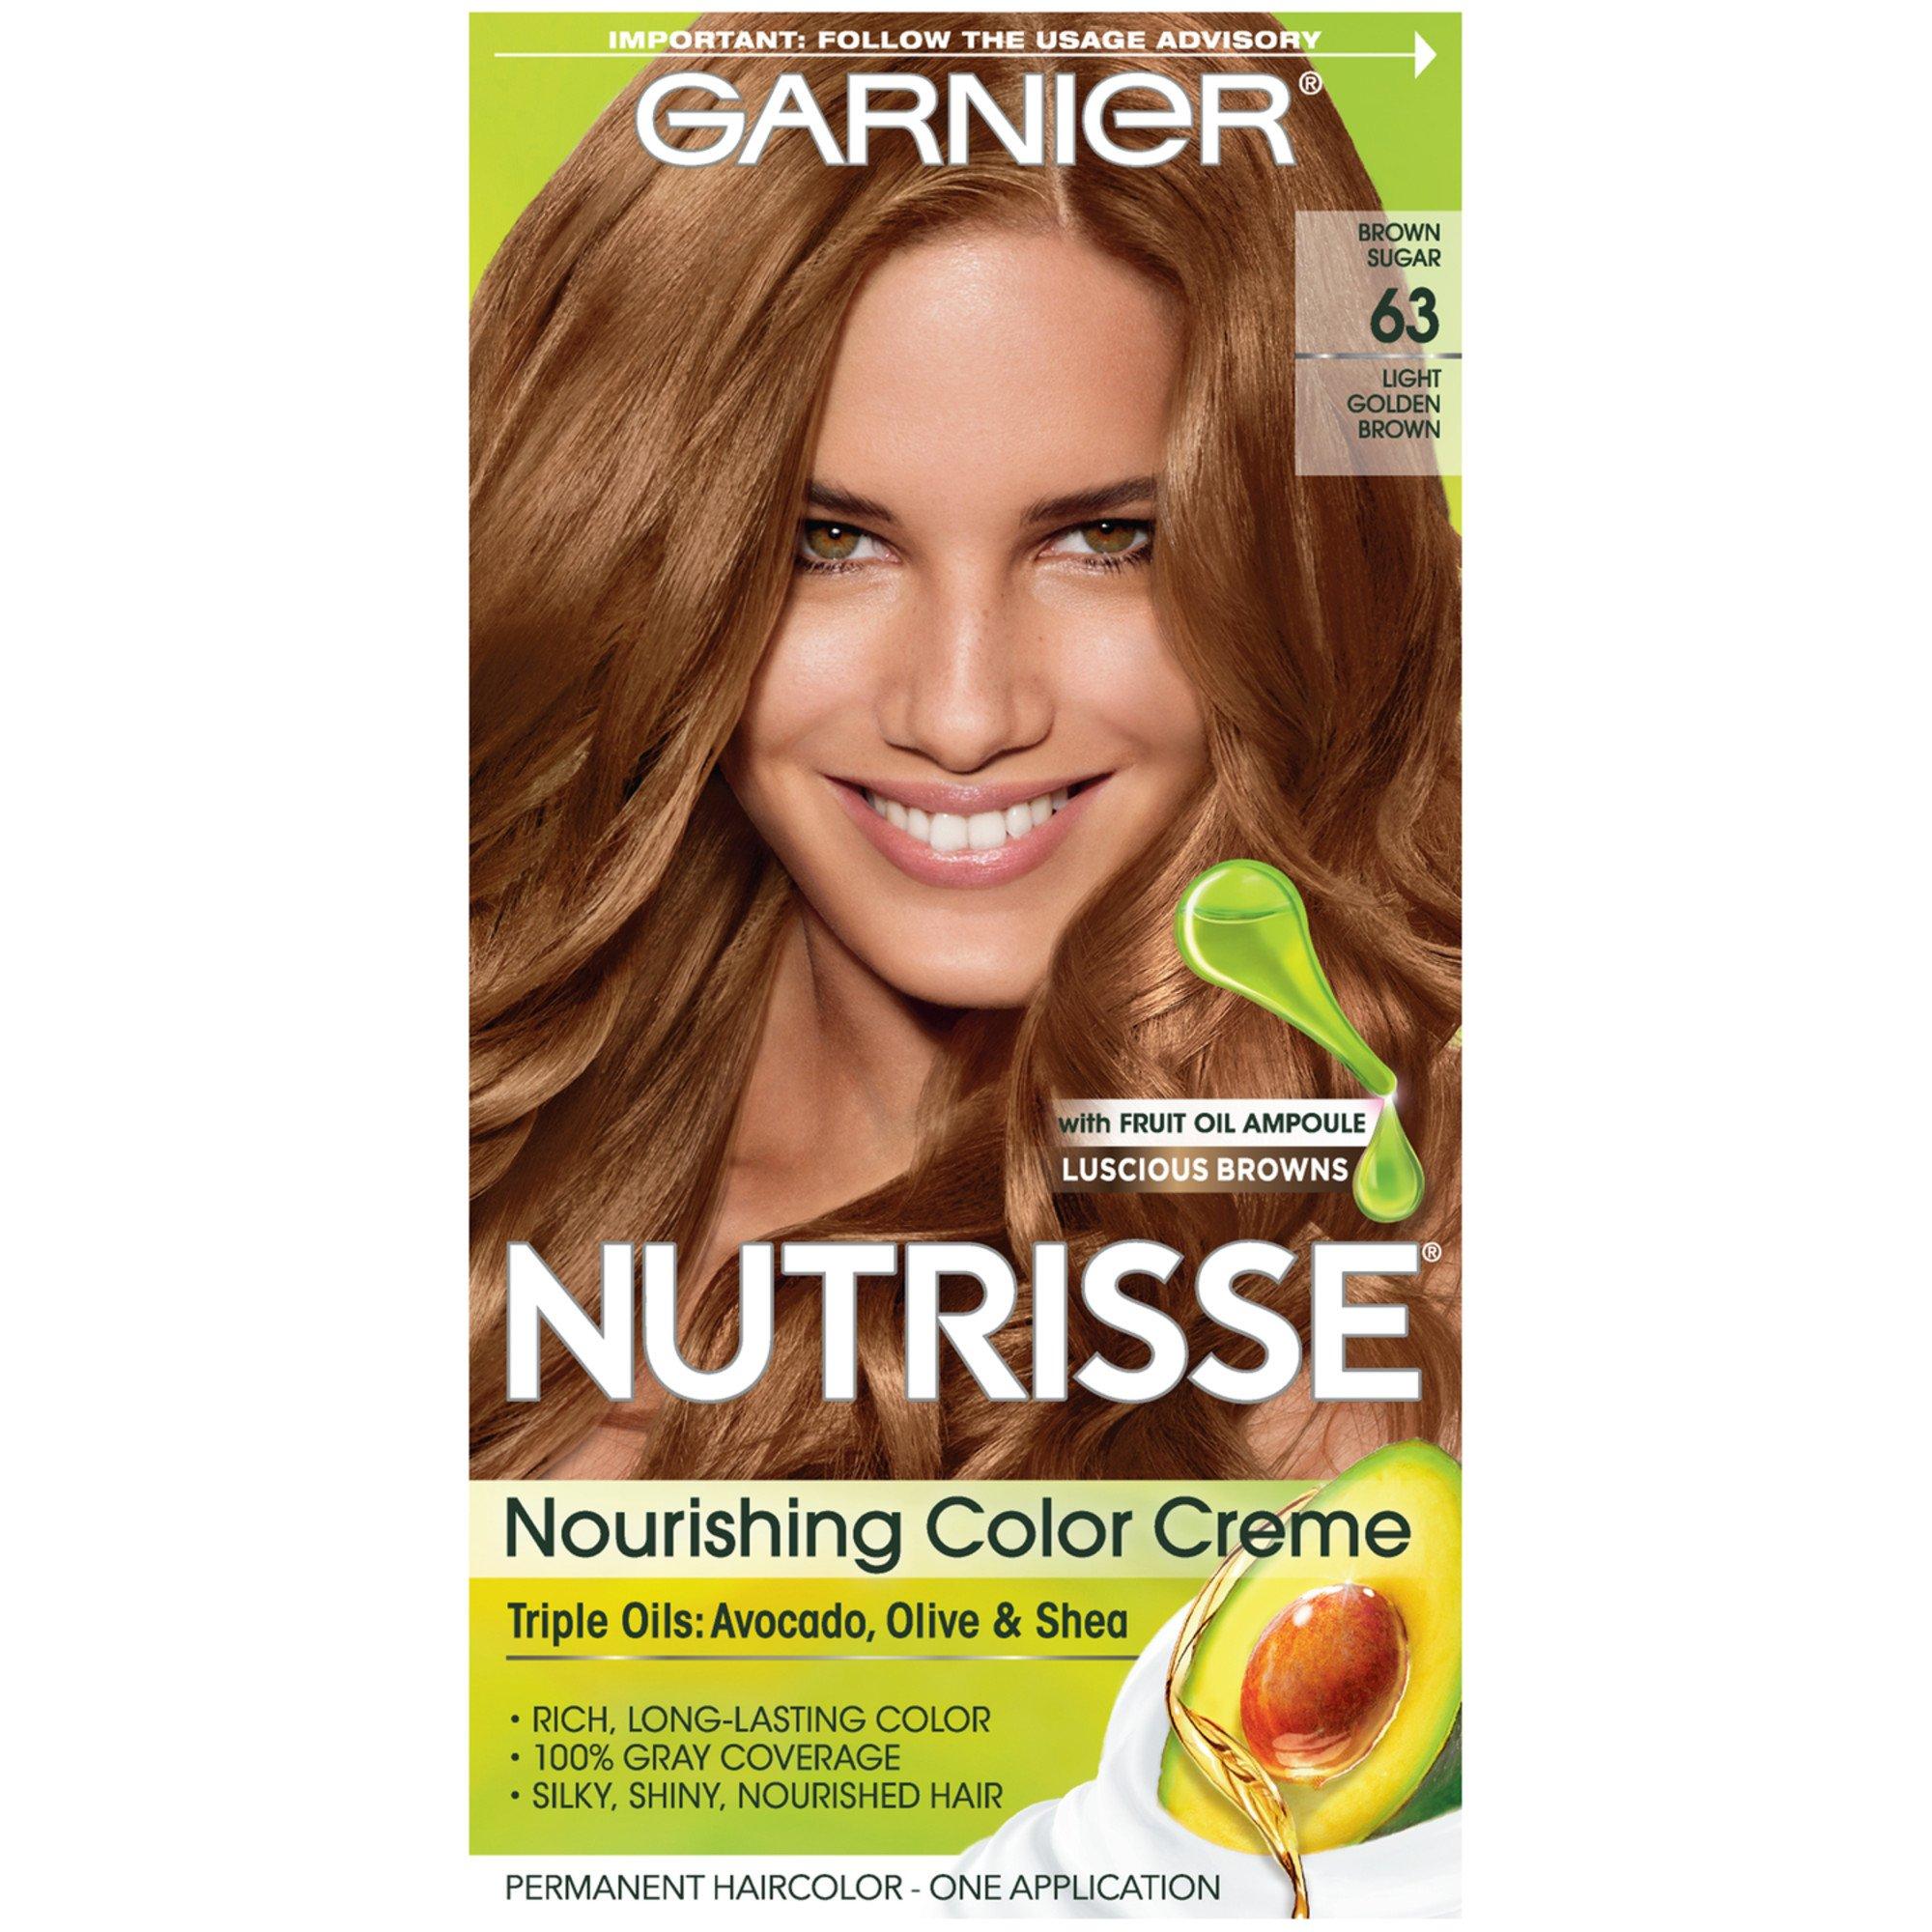 Garnier Nutrisse Nourishing Color Creme 63 Light Golden Brown Brown